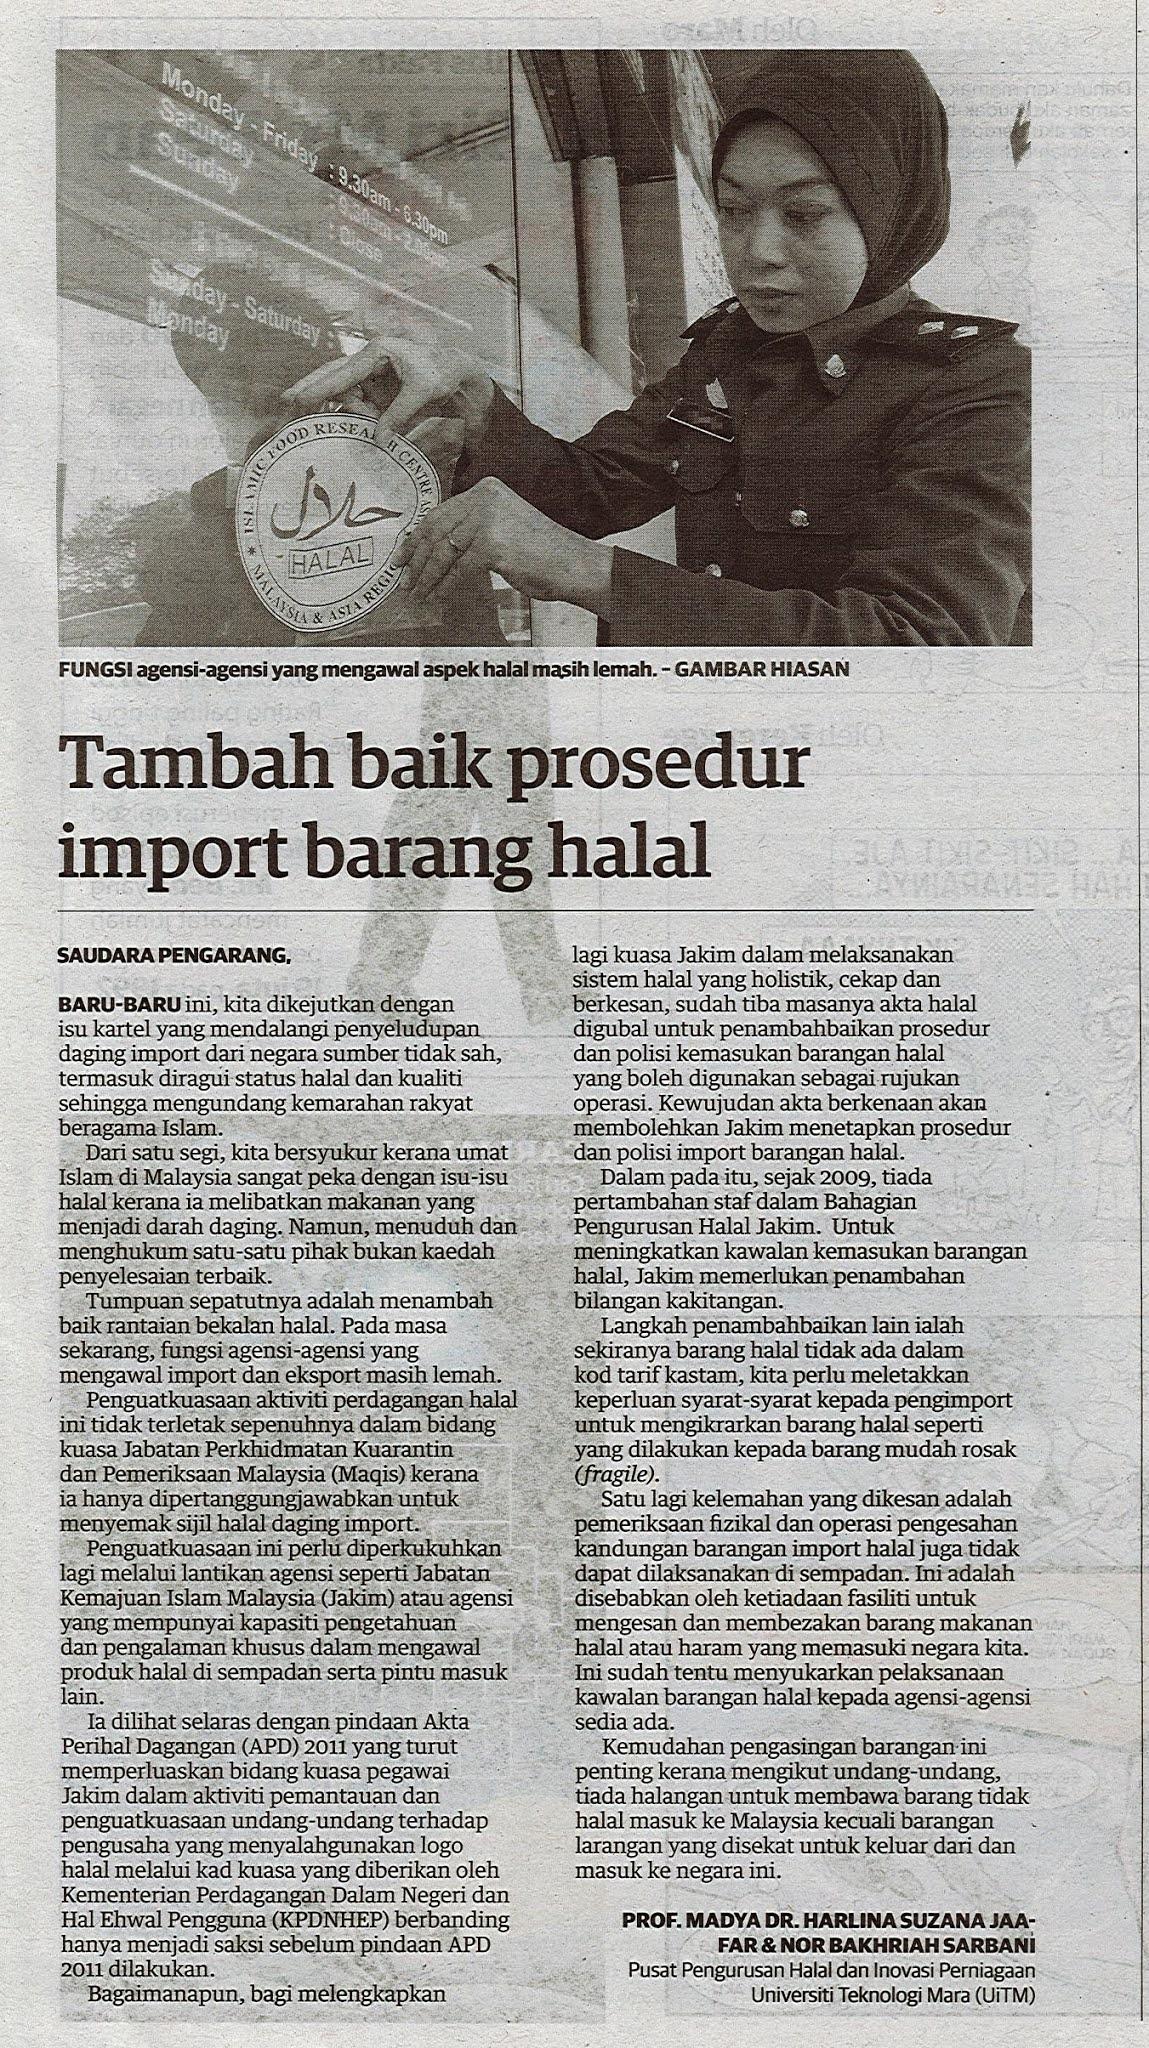 Tambah baik prosedur import barang halal - Keratan akhbar Utusan Malaysia 14 Januari 2021